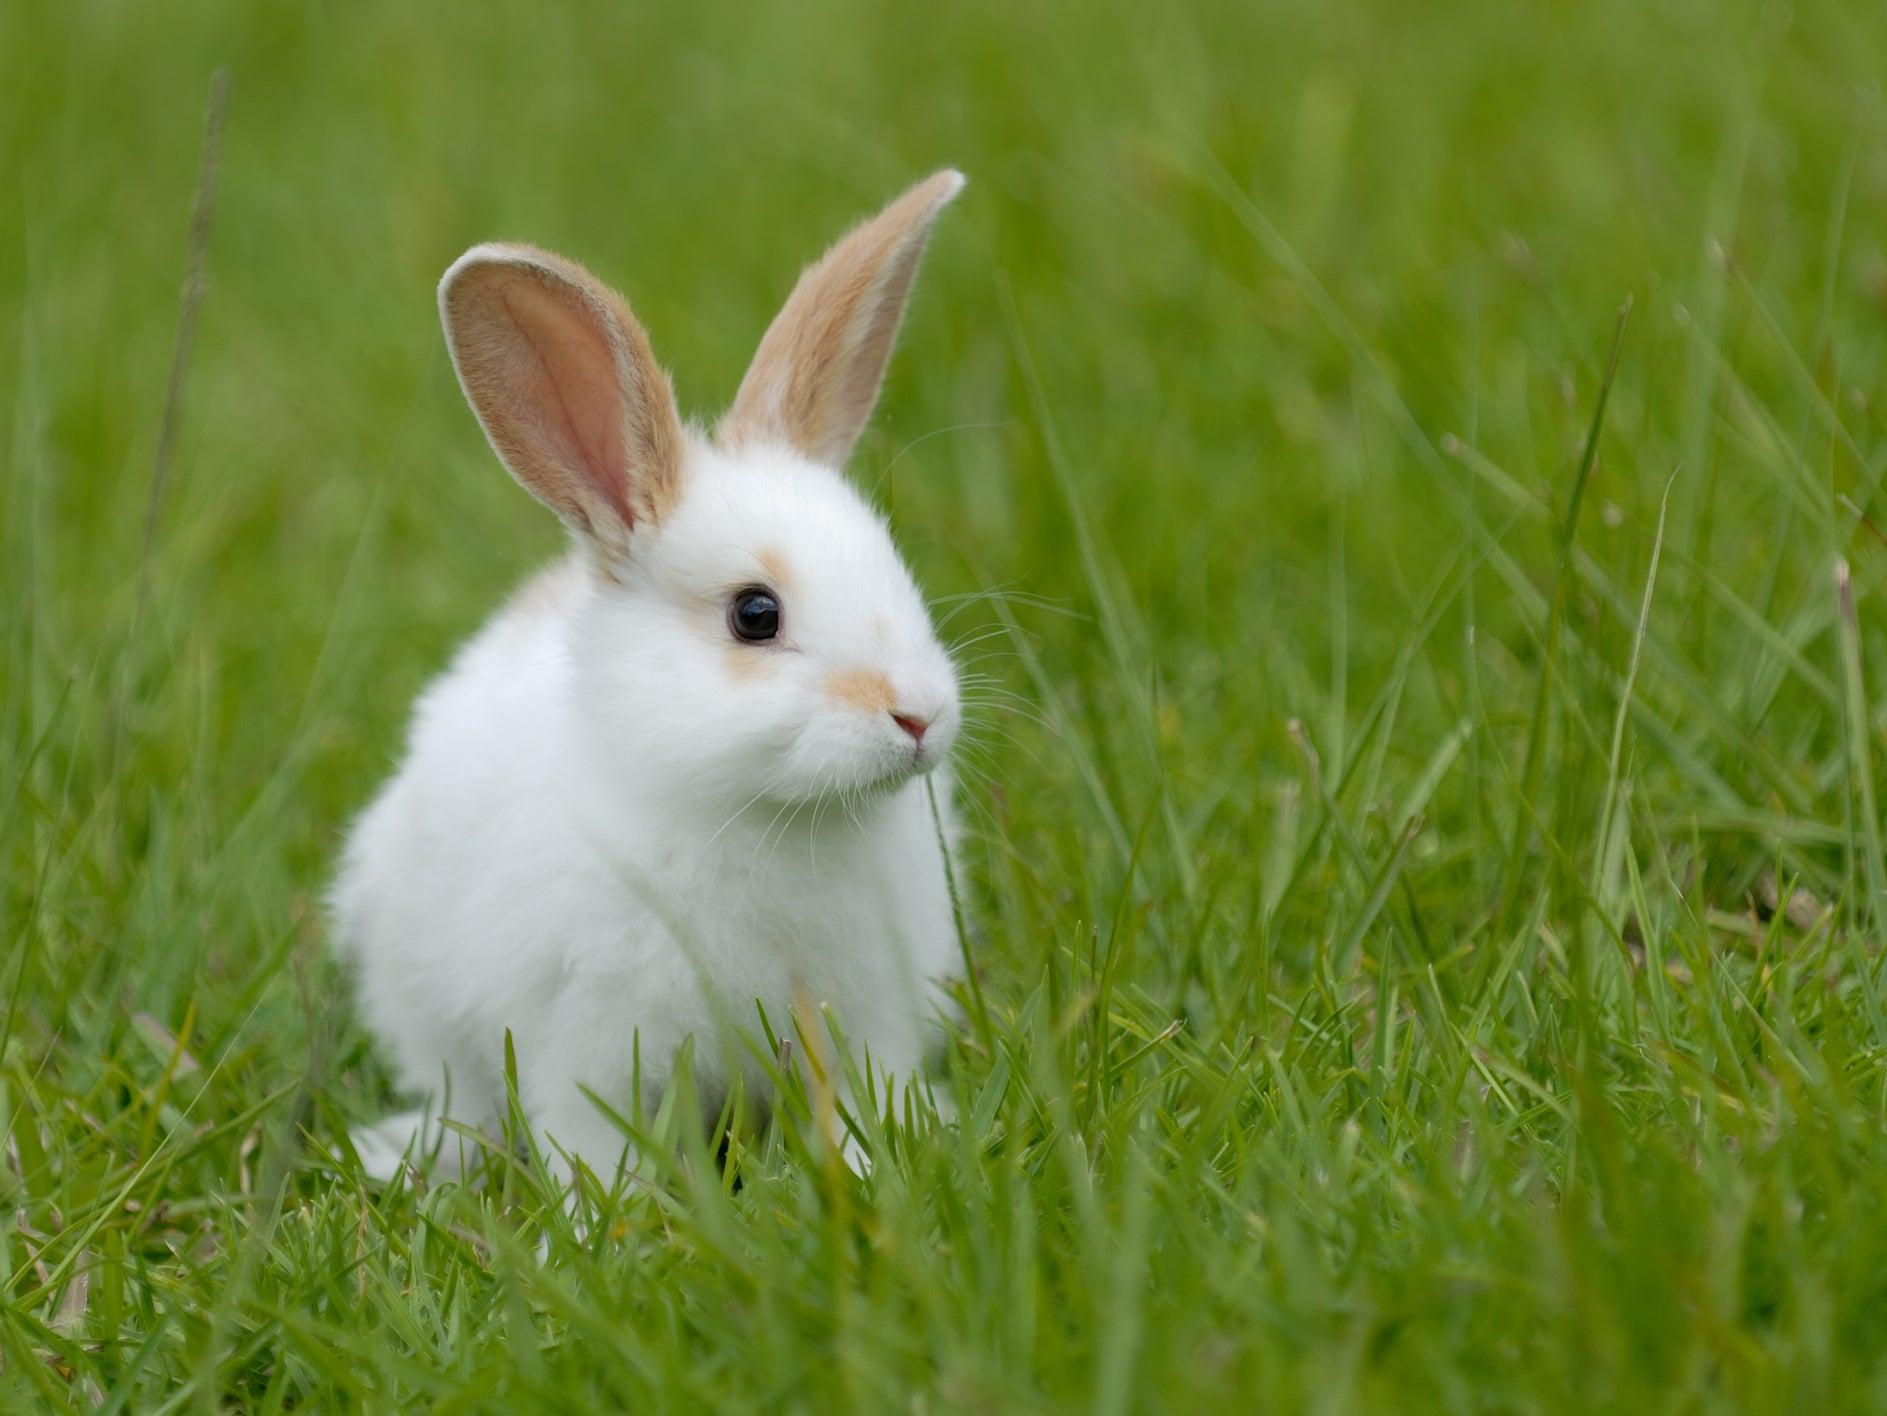 Hình ảnh chú Thỏ đẹp nhất